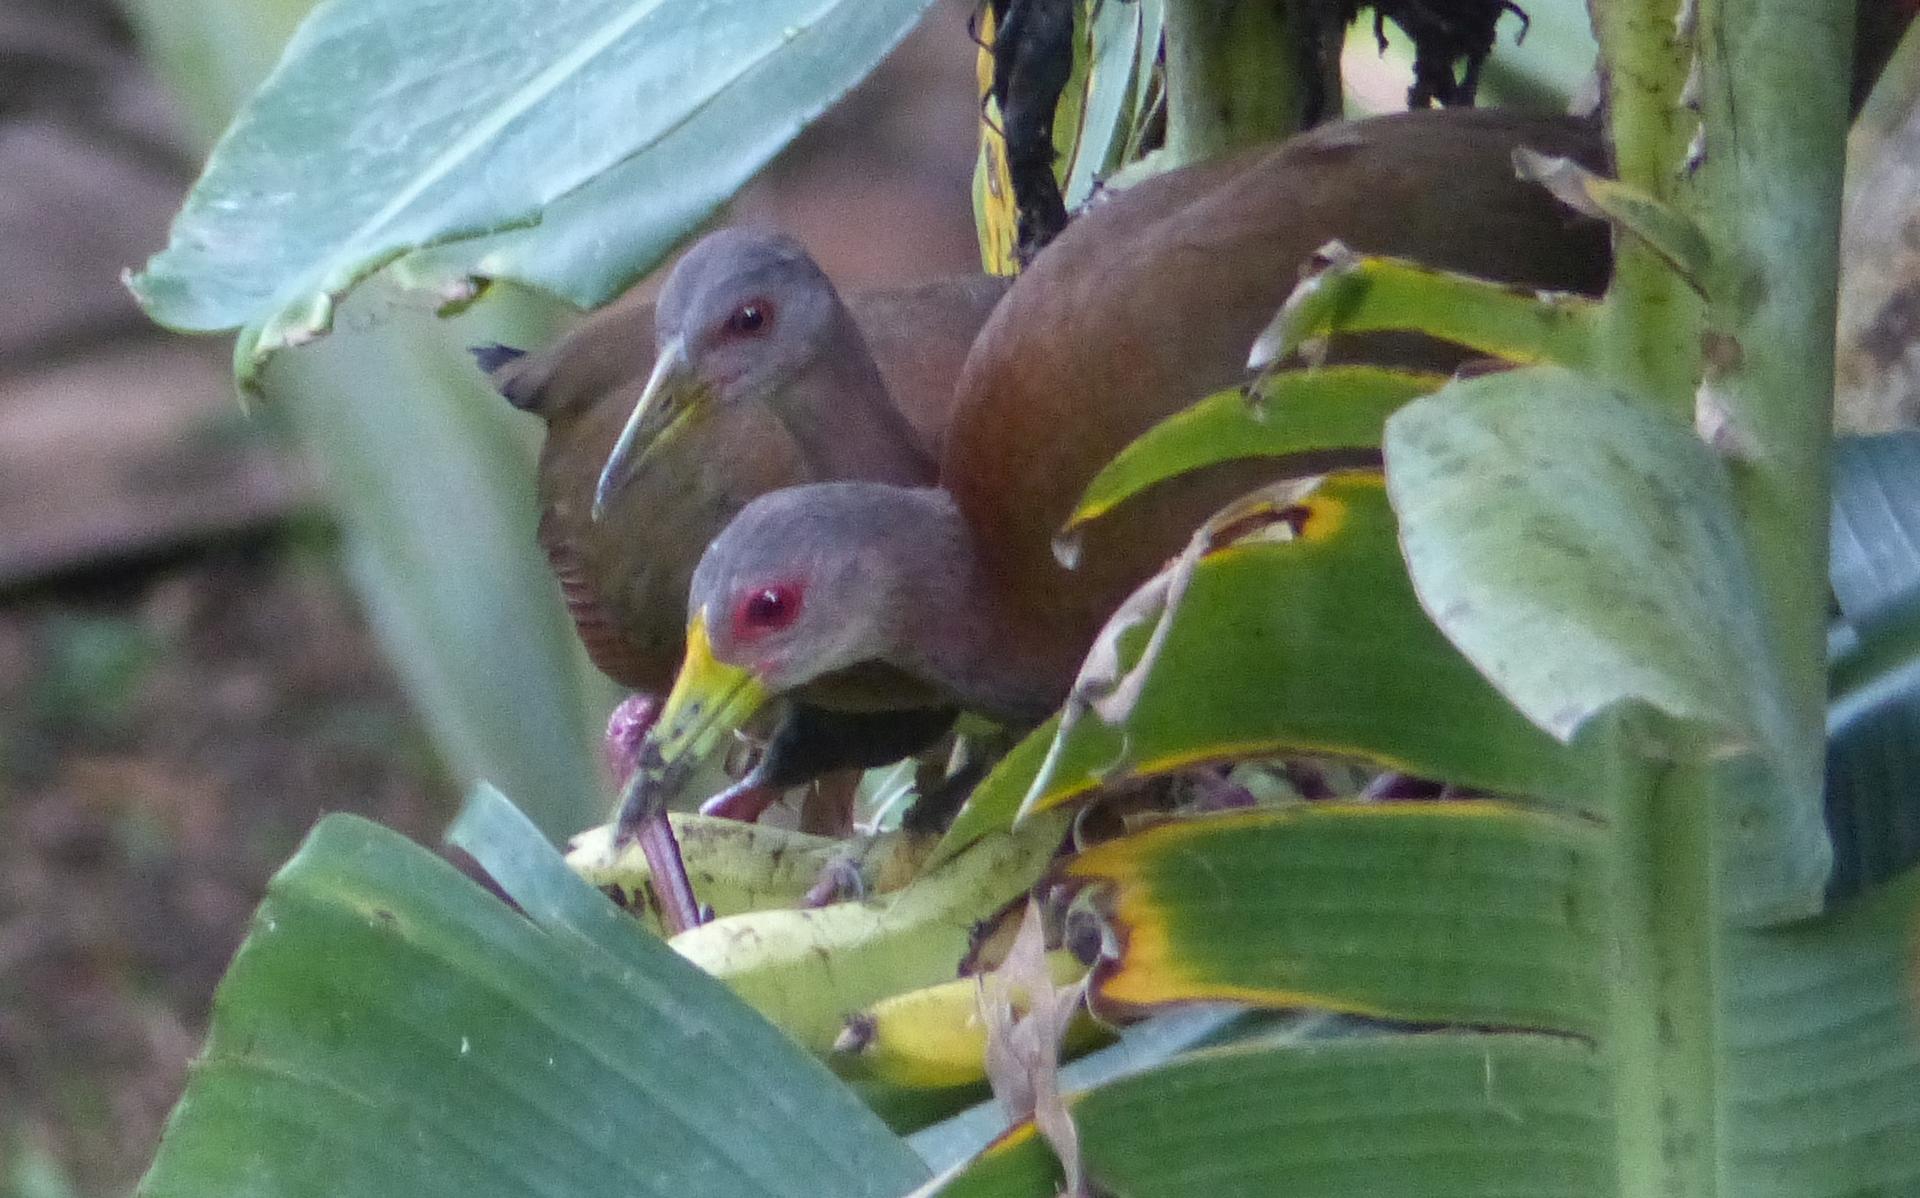 P1880613 2 brown wood rails eating bananas may 7 6 pm small file